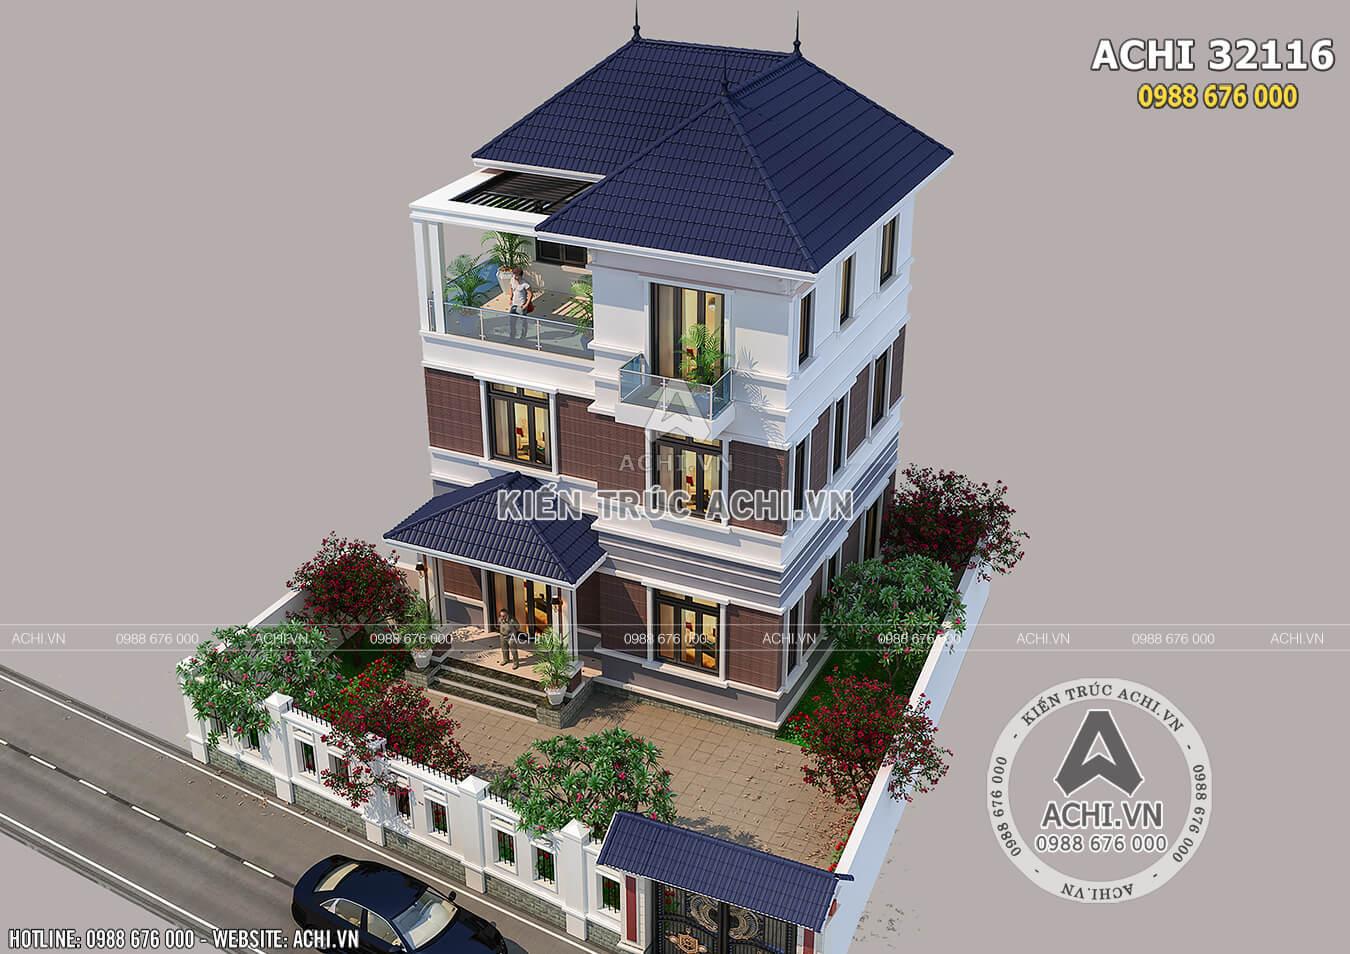 Biệt thự mái thái 3 tầng hiện đại nhìn từ trên cao